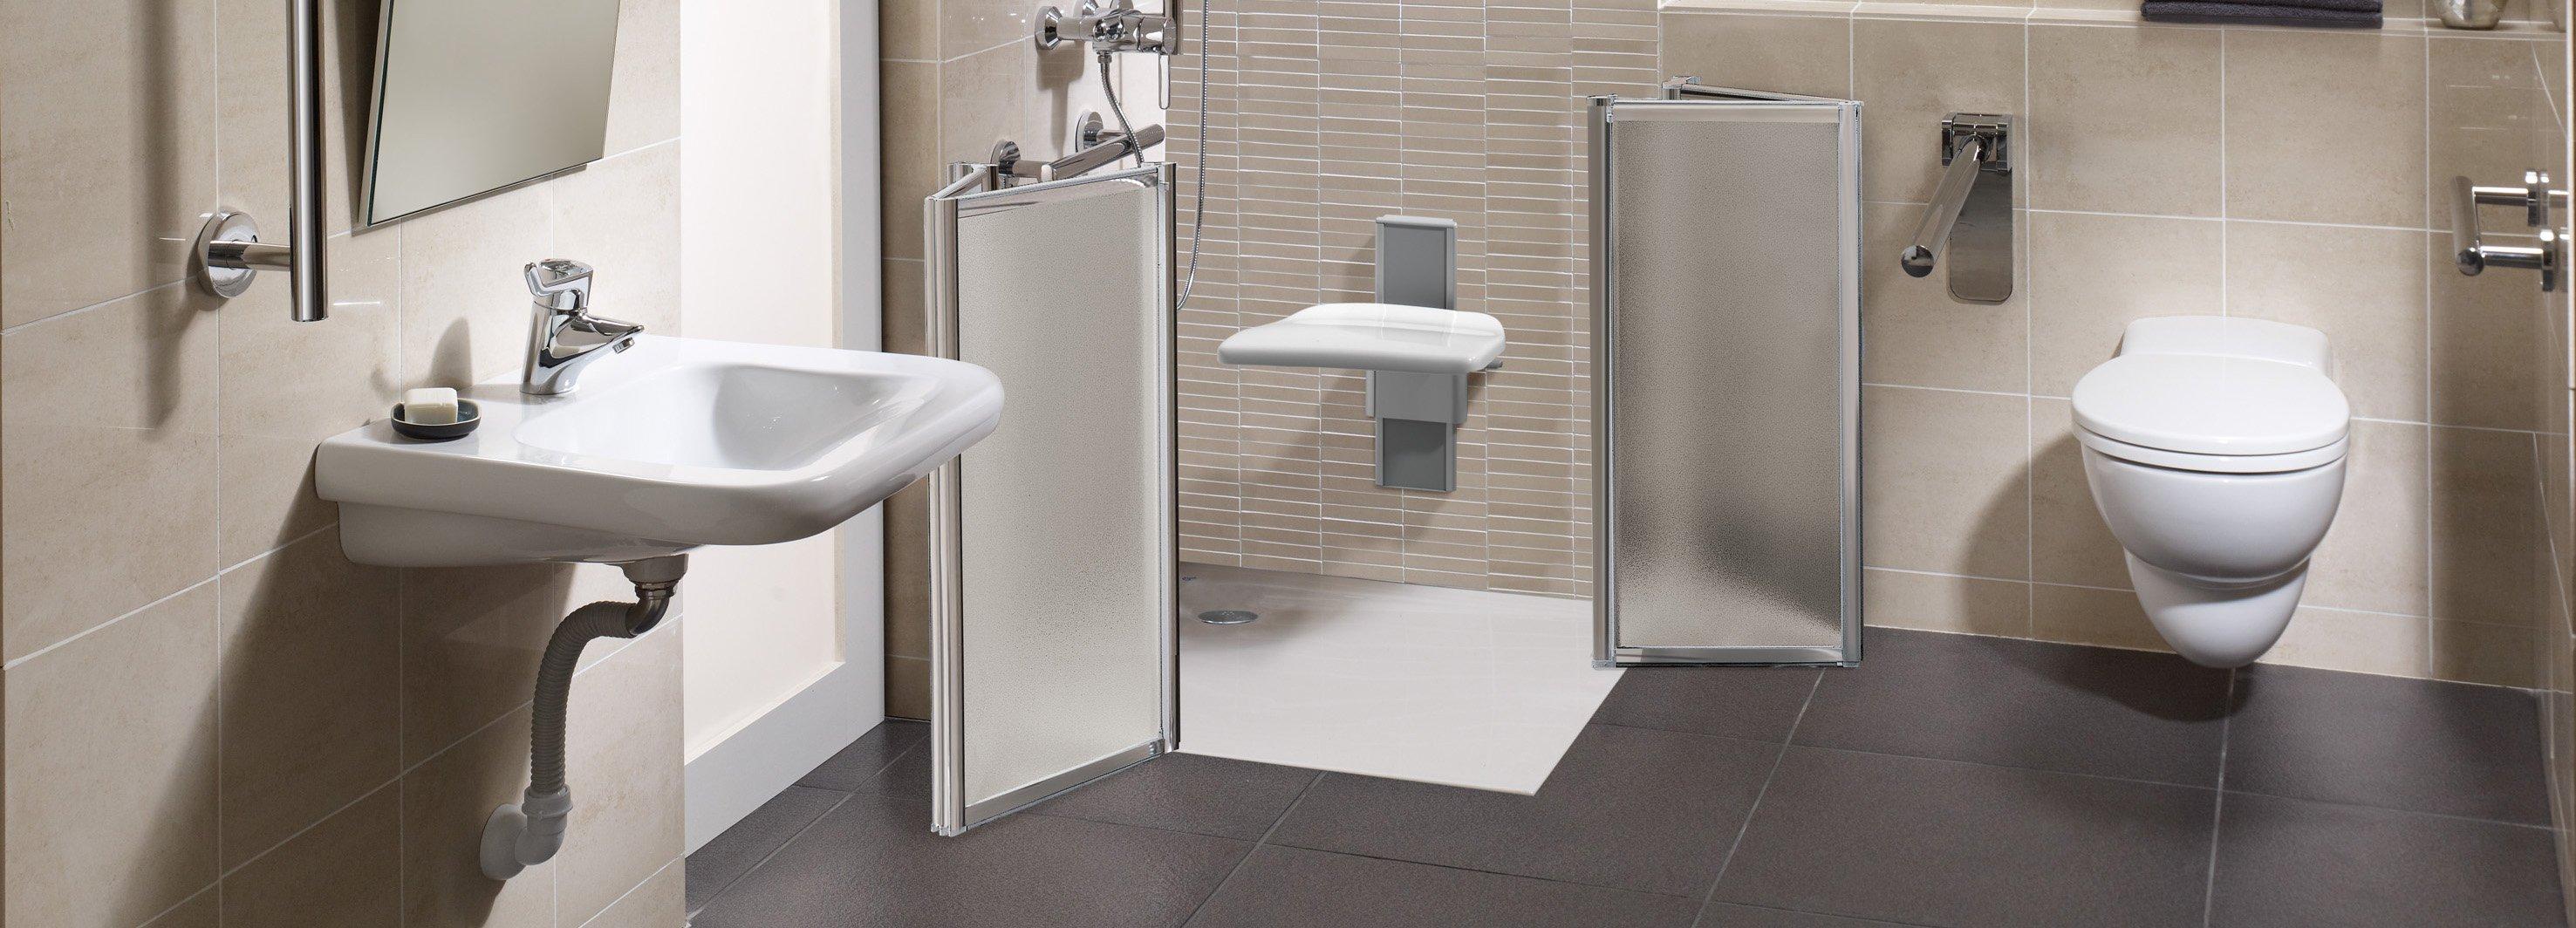 Bagno accessori, arredamento e mobili   cose di casa